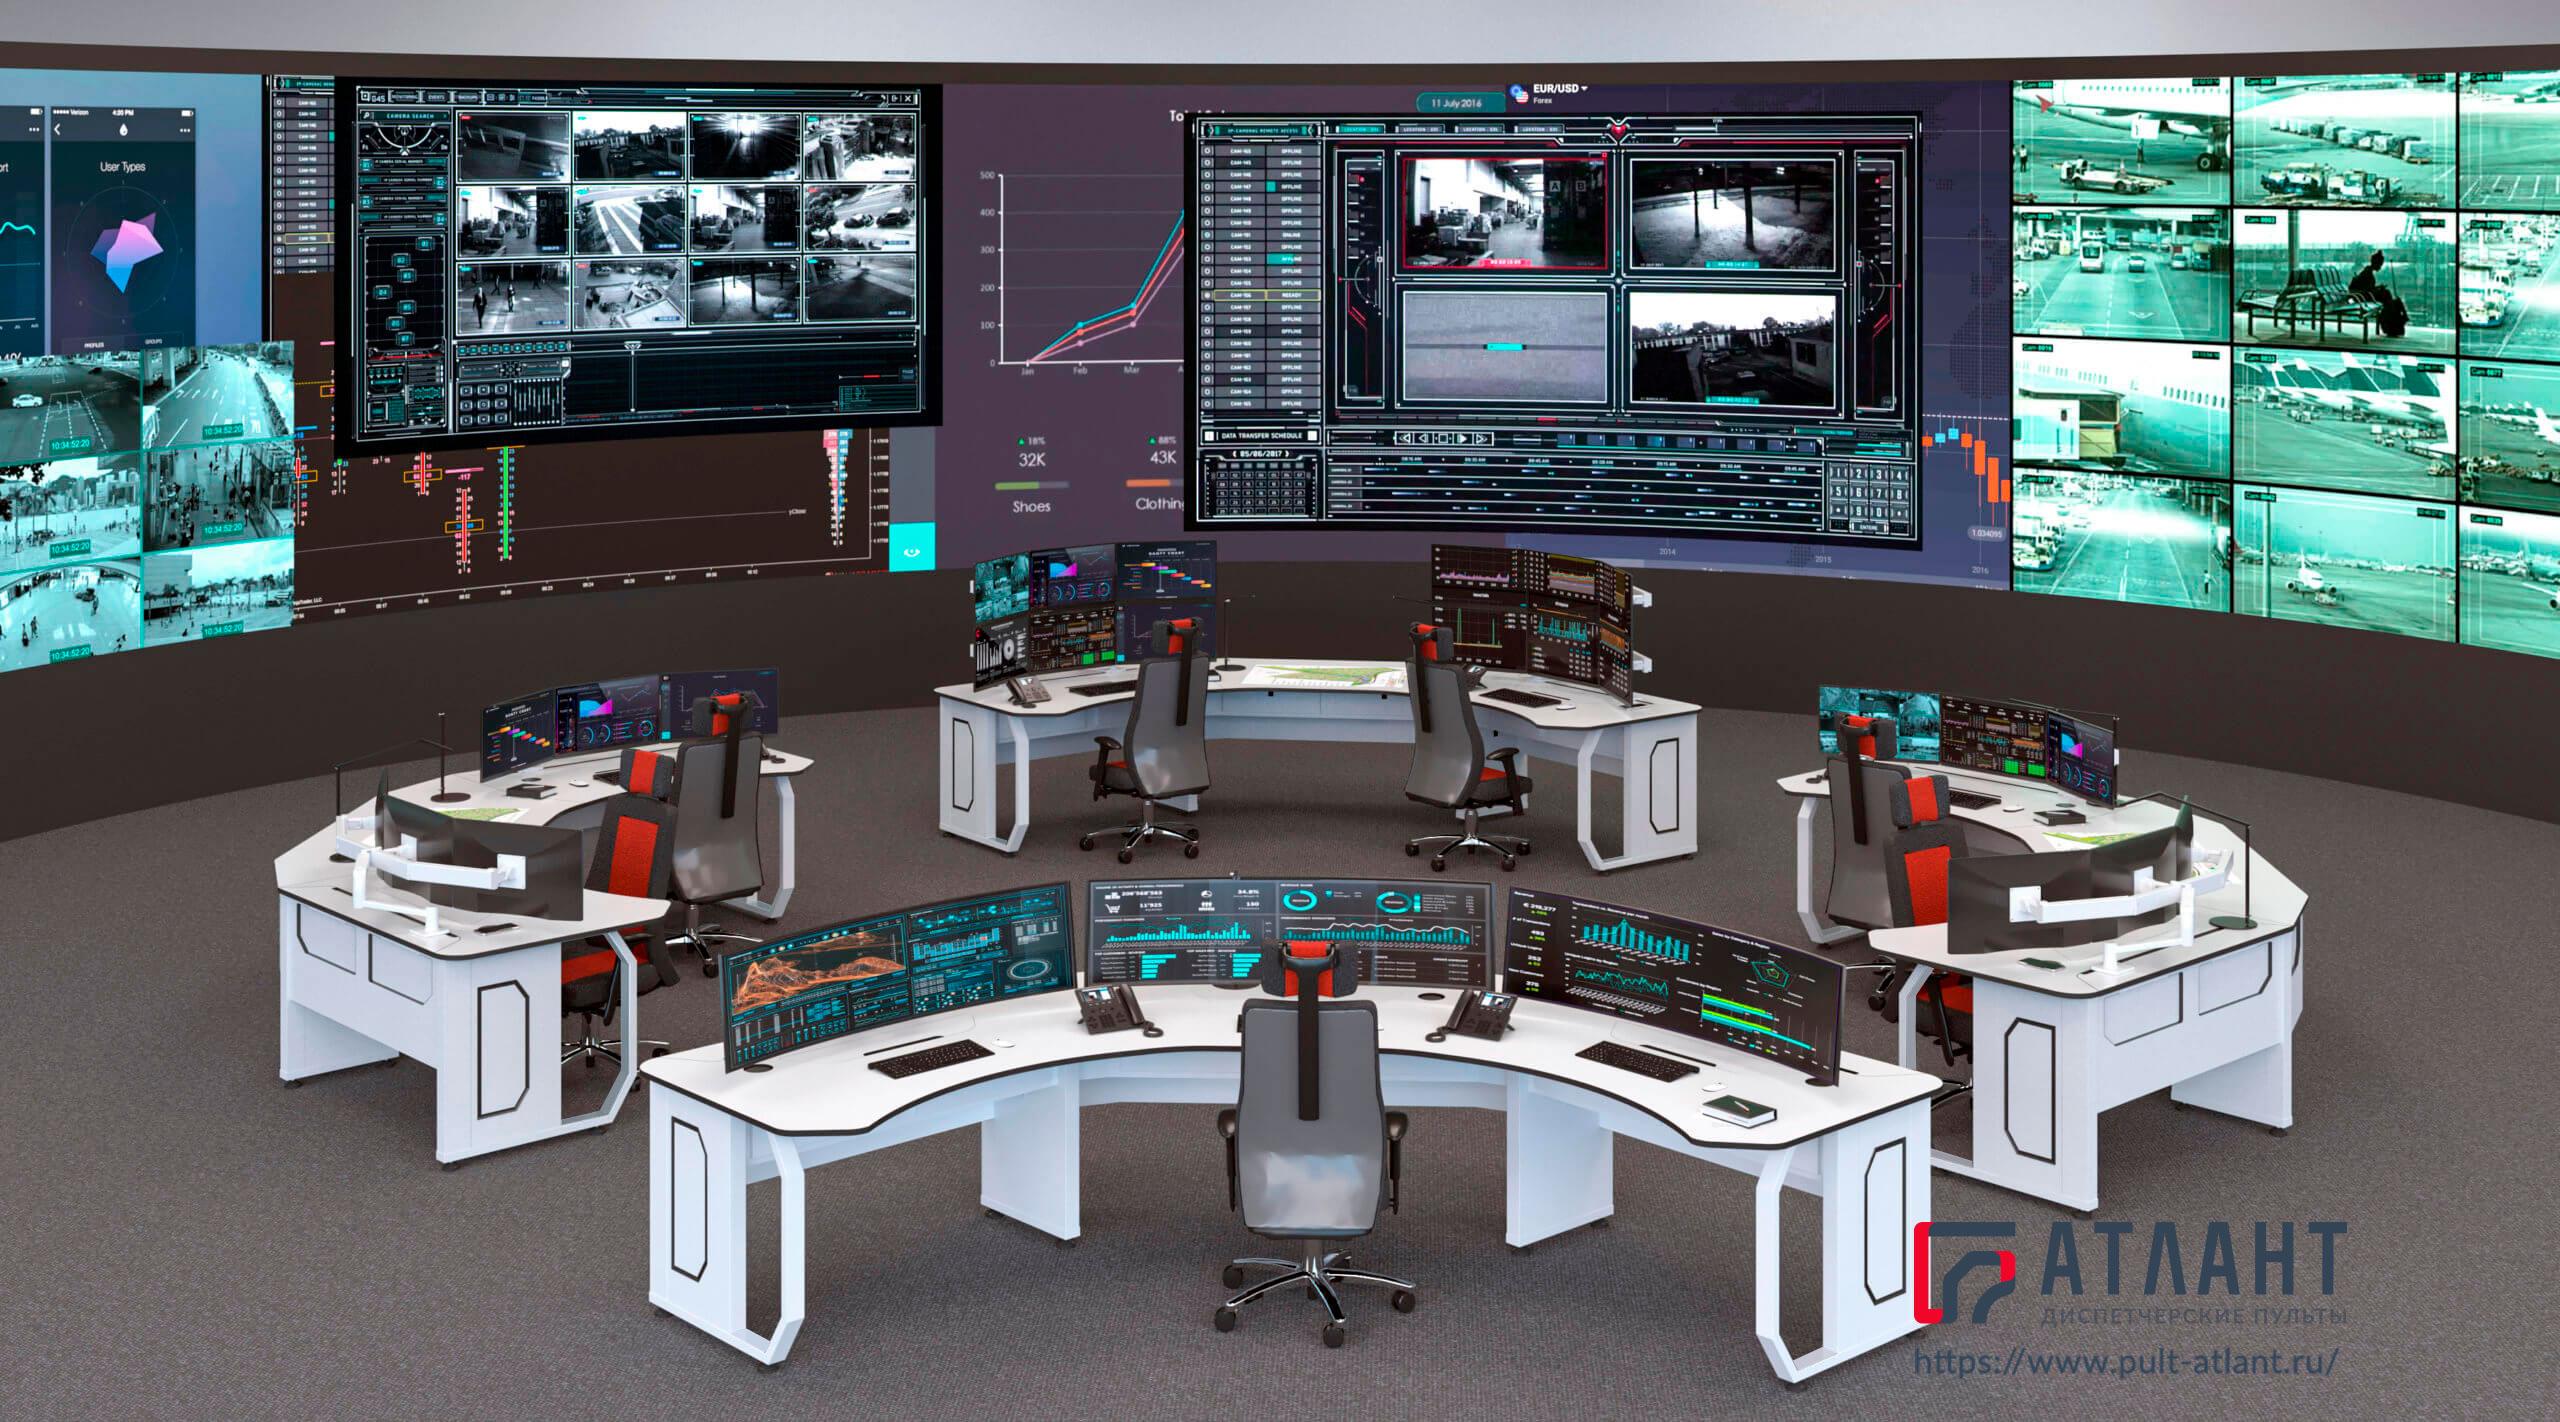 Стол диспетчера Атлант ДЕЛЬТА в групповой конфигурации со старшим диспетчером